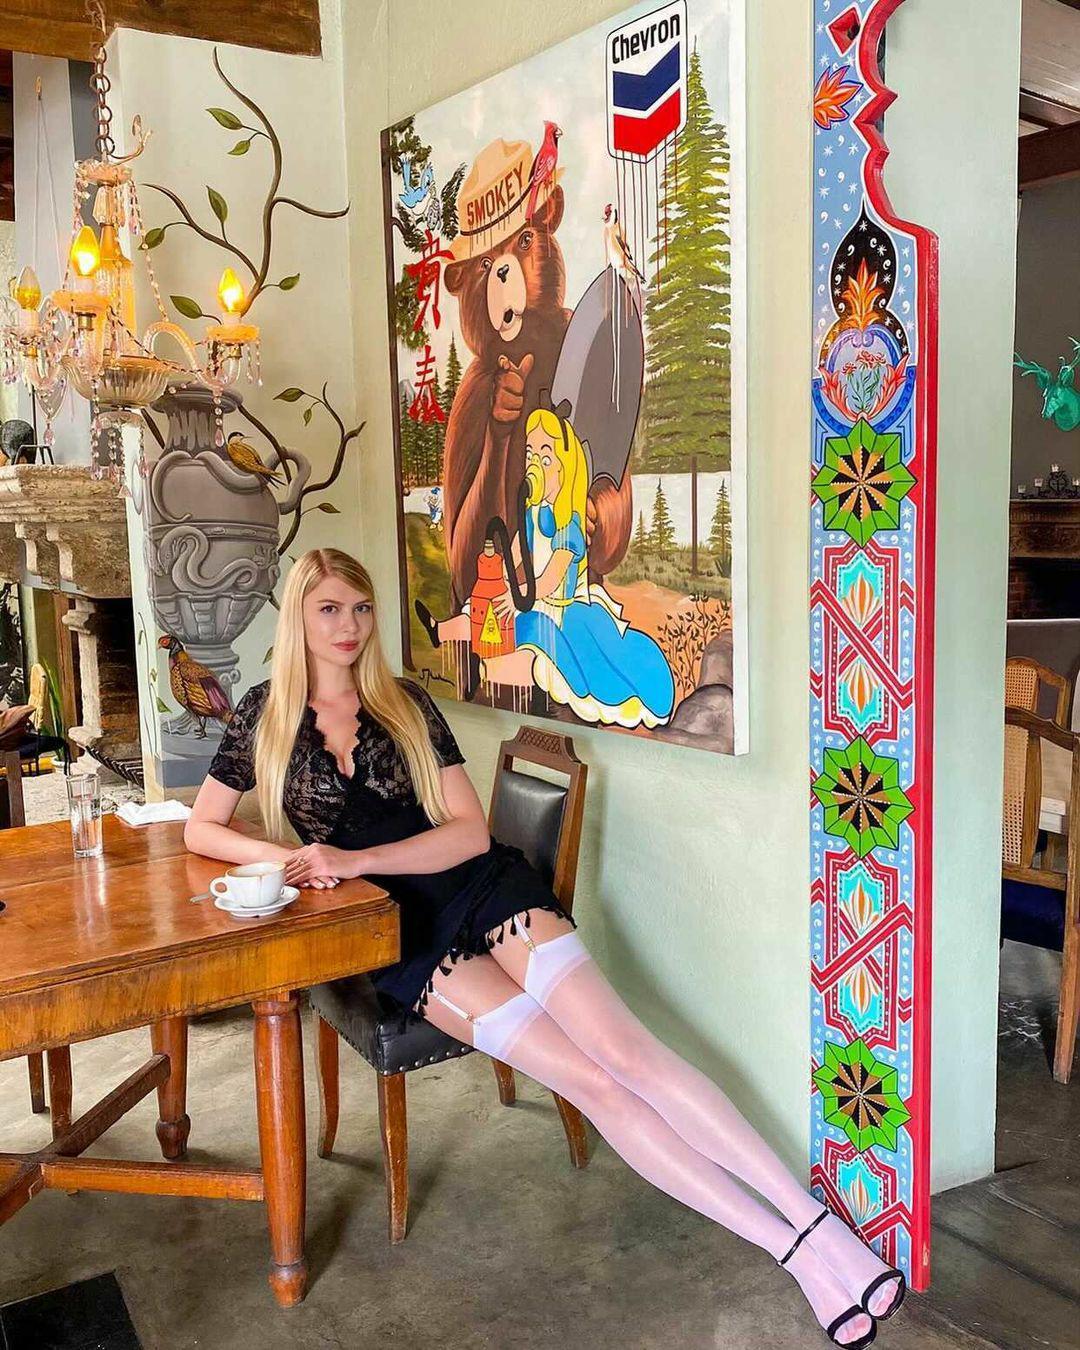 Legs 🦵 At The Cafe @anna.leggy